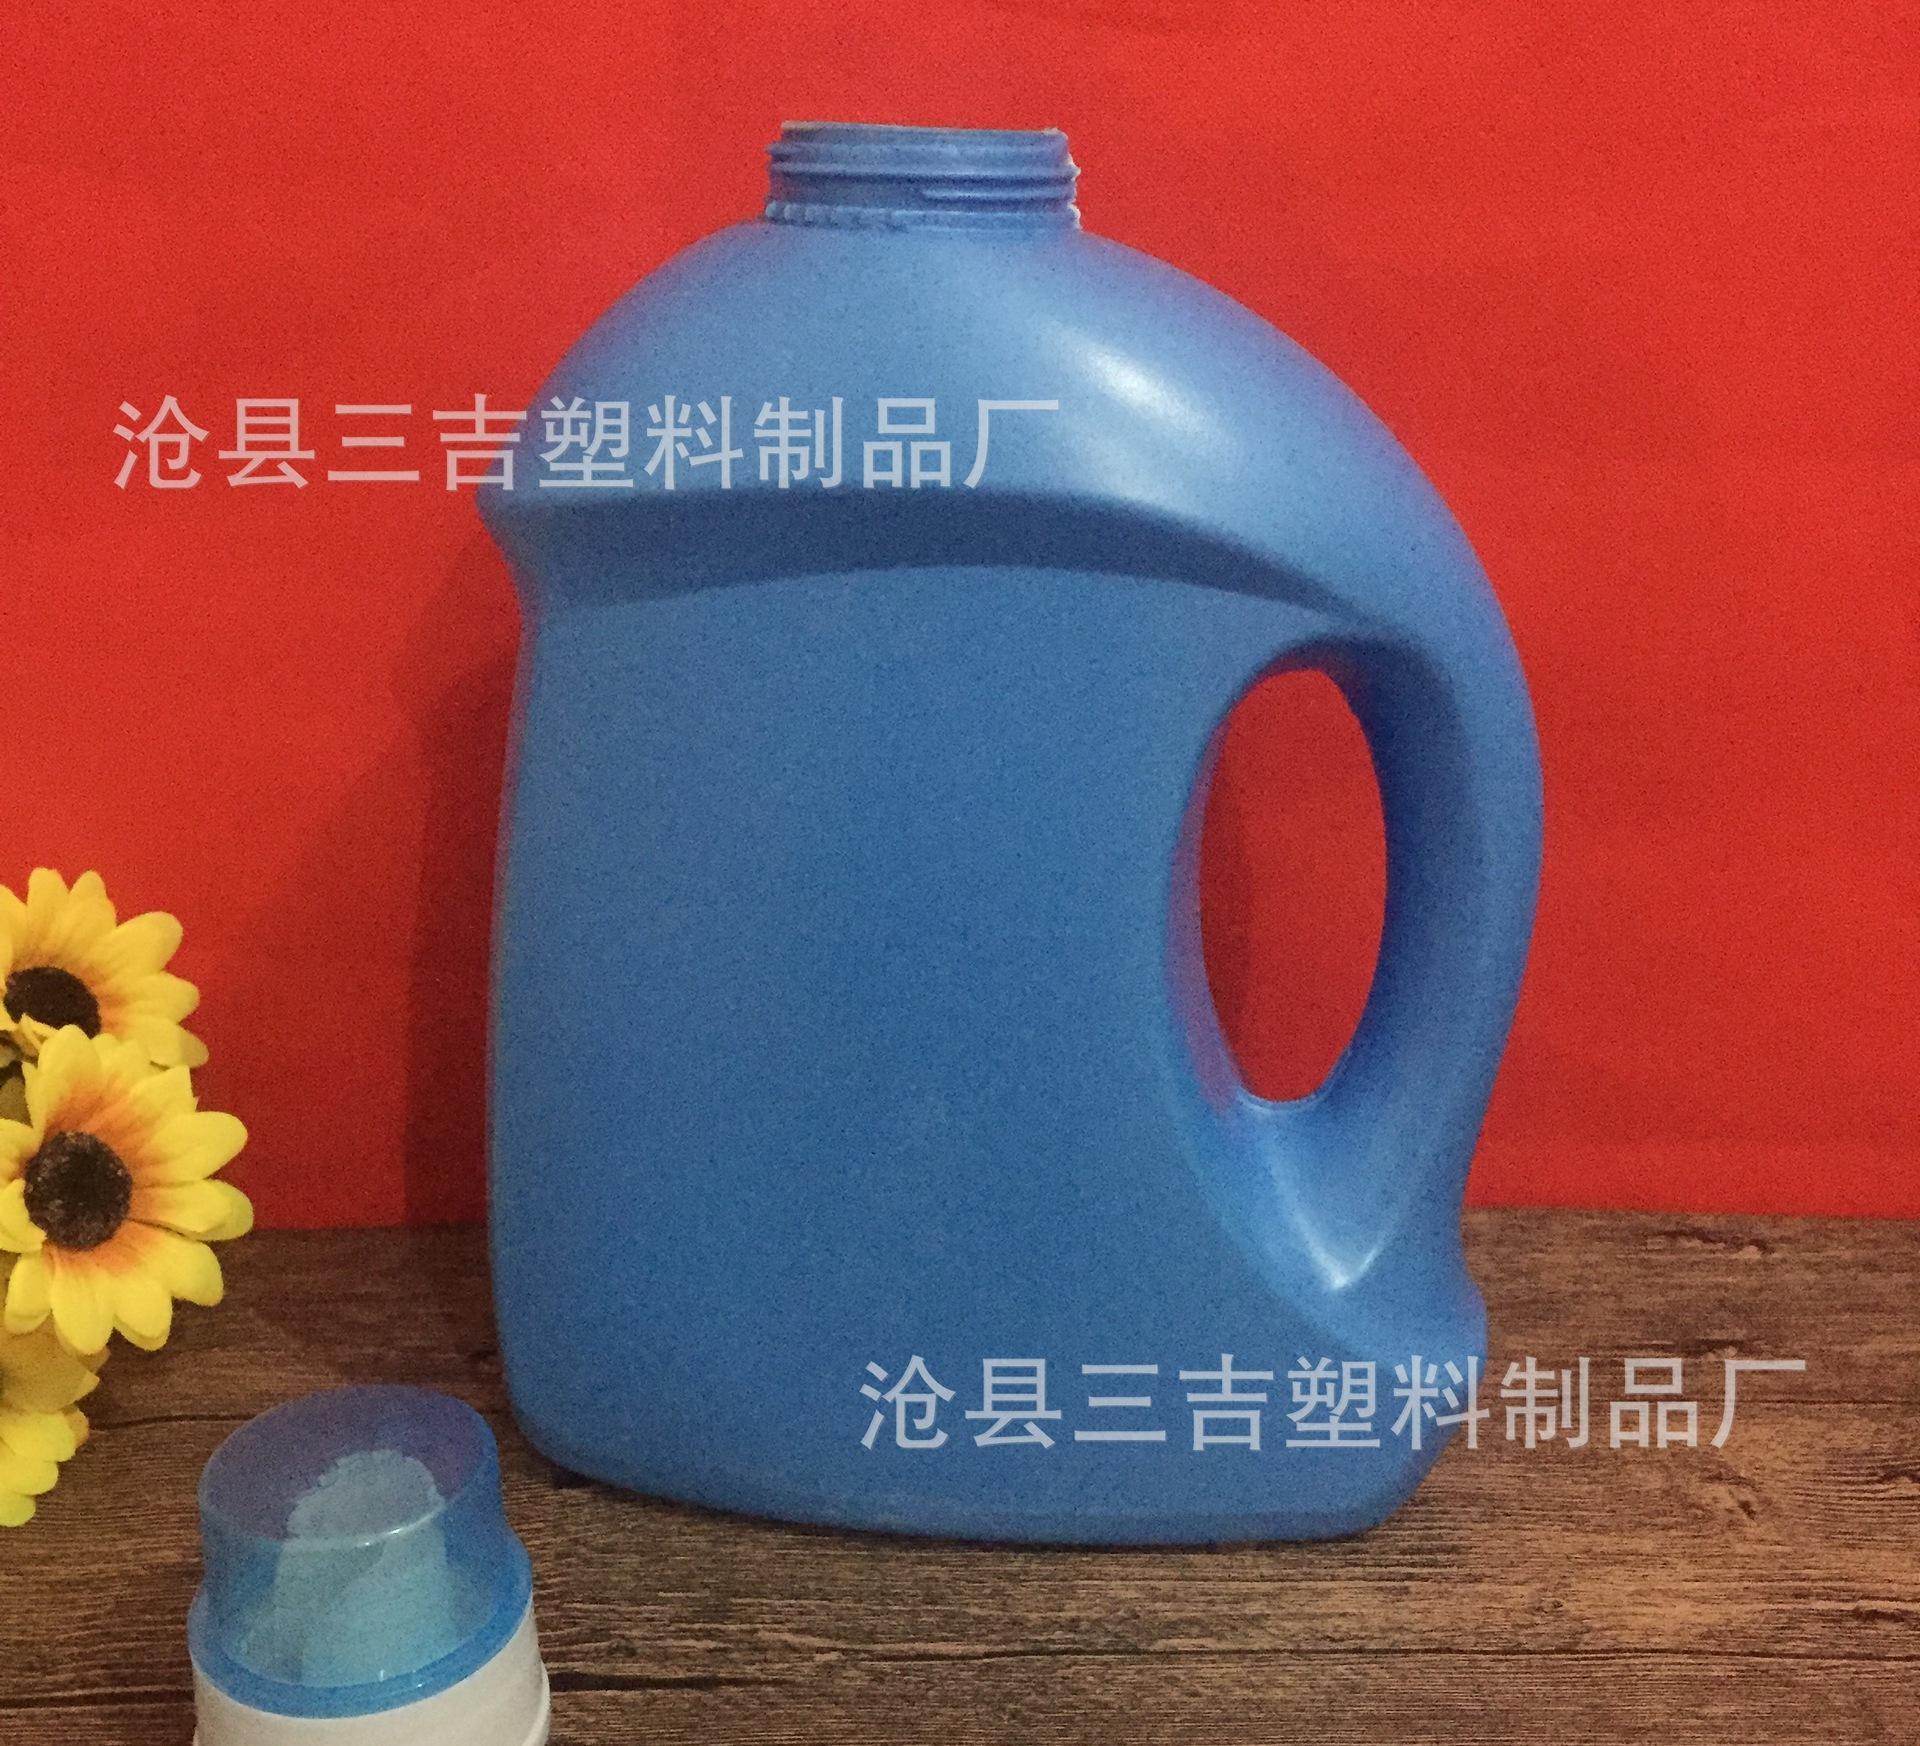 厂家直销 3l洗衣液瓶子 3公斤 3kg